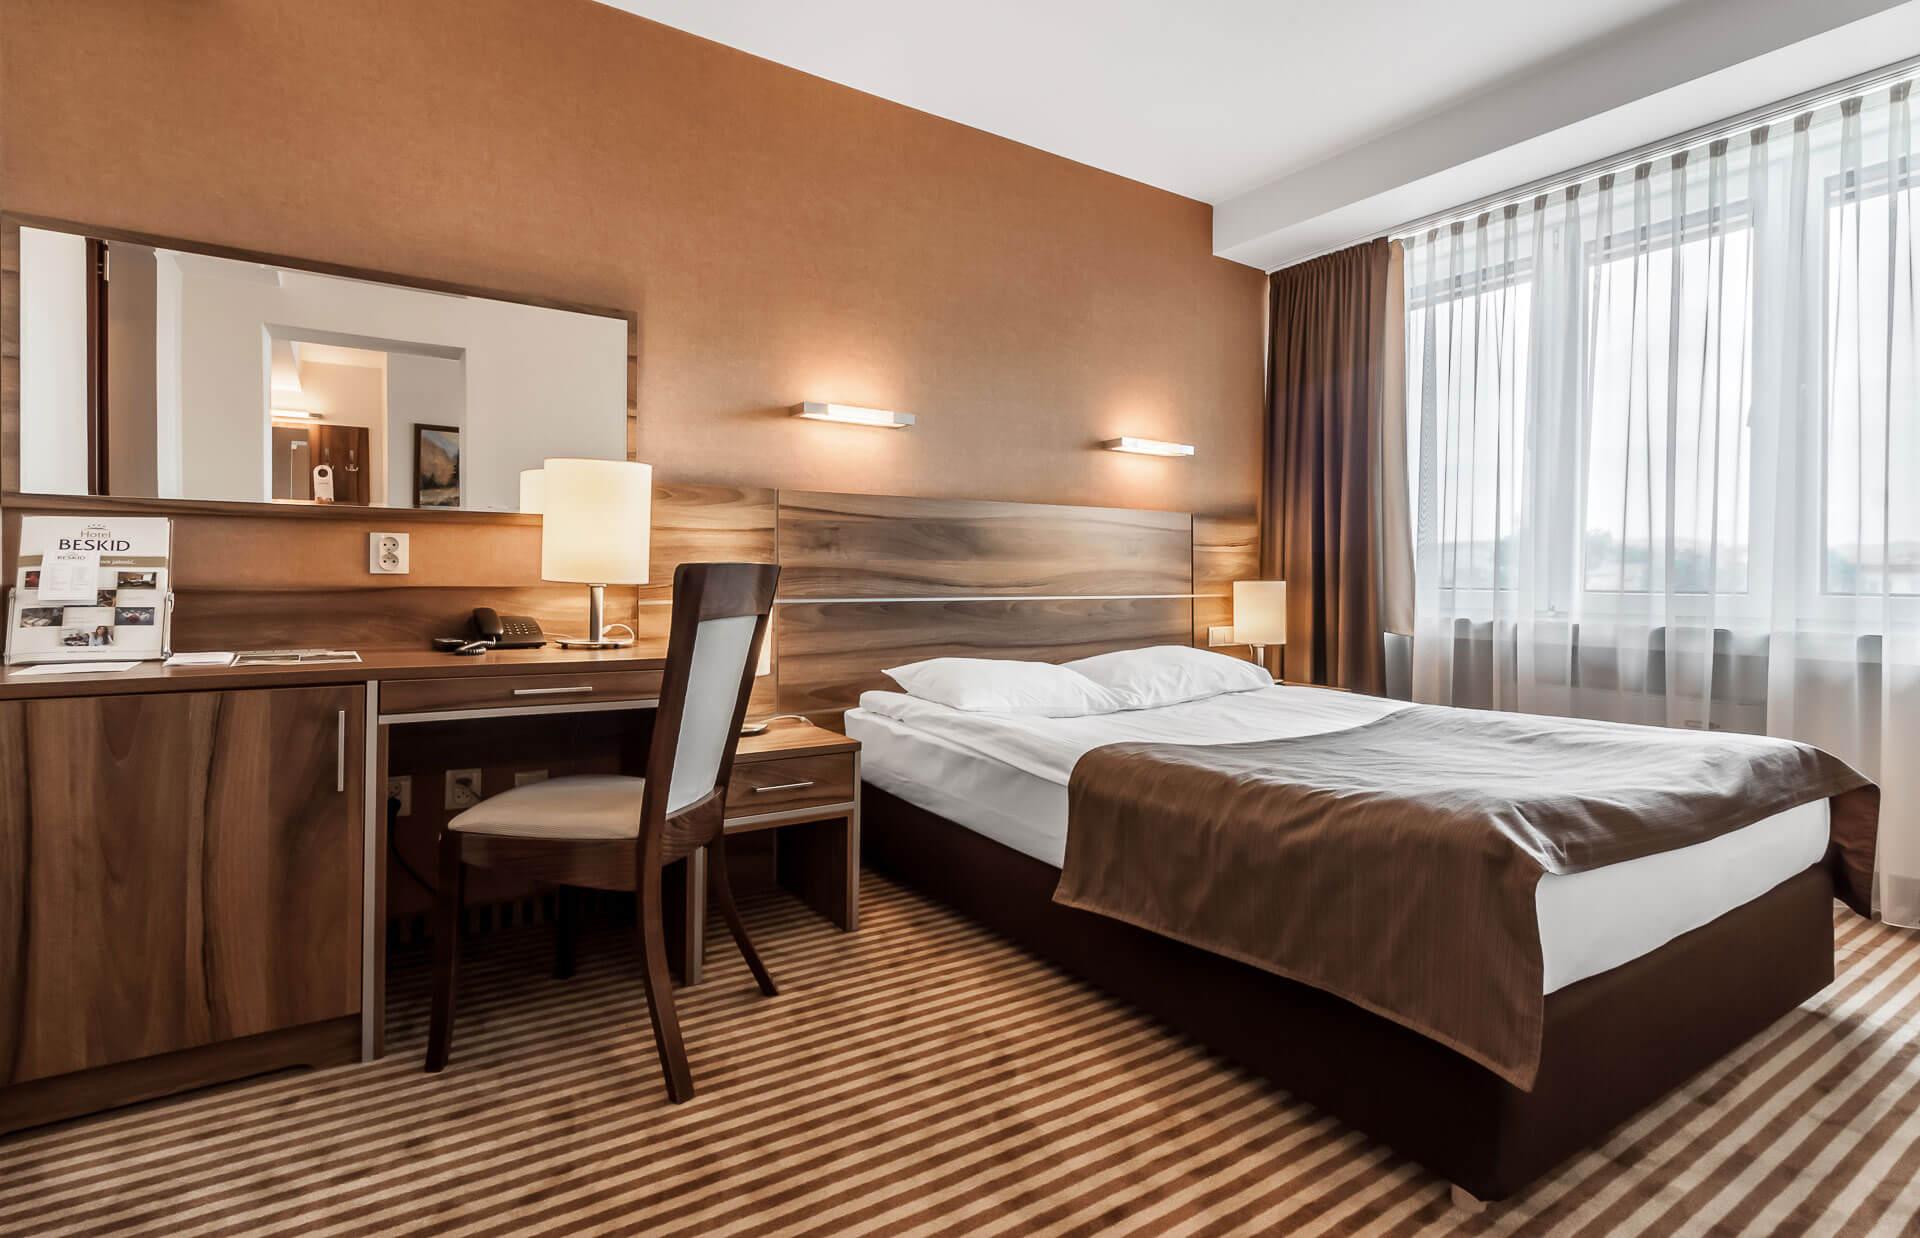 Pokój dwuosobowy - Hotel Beskid****